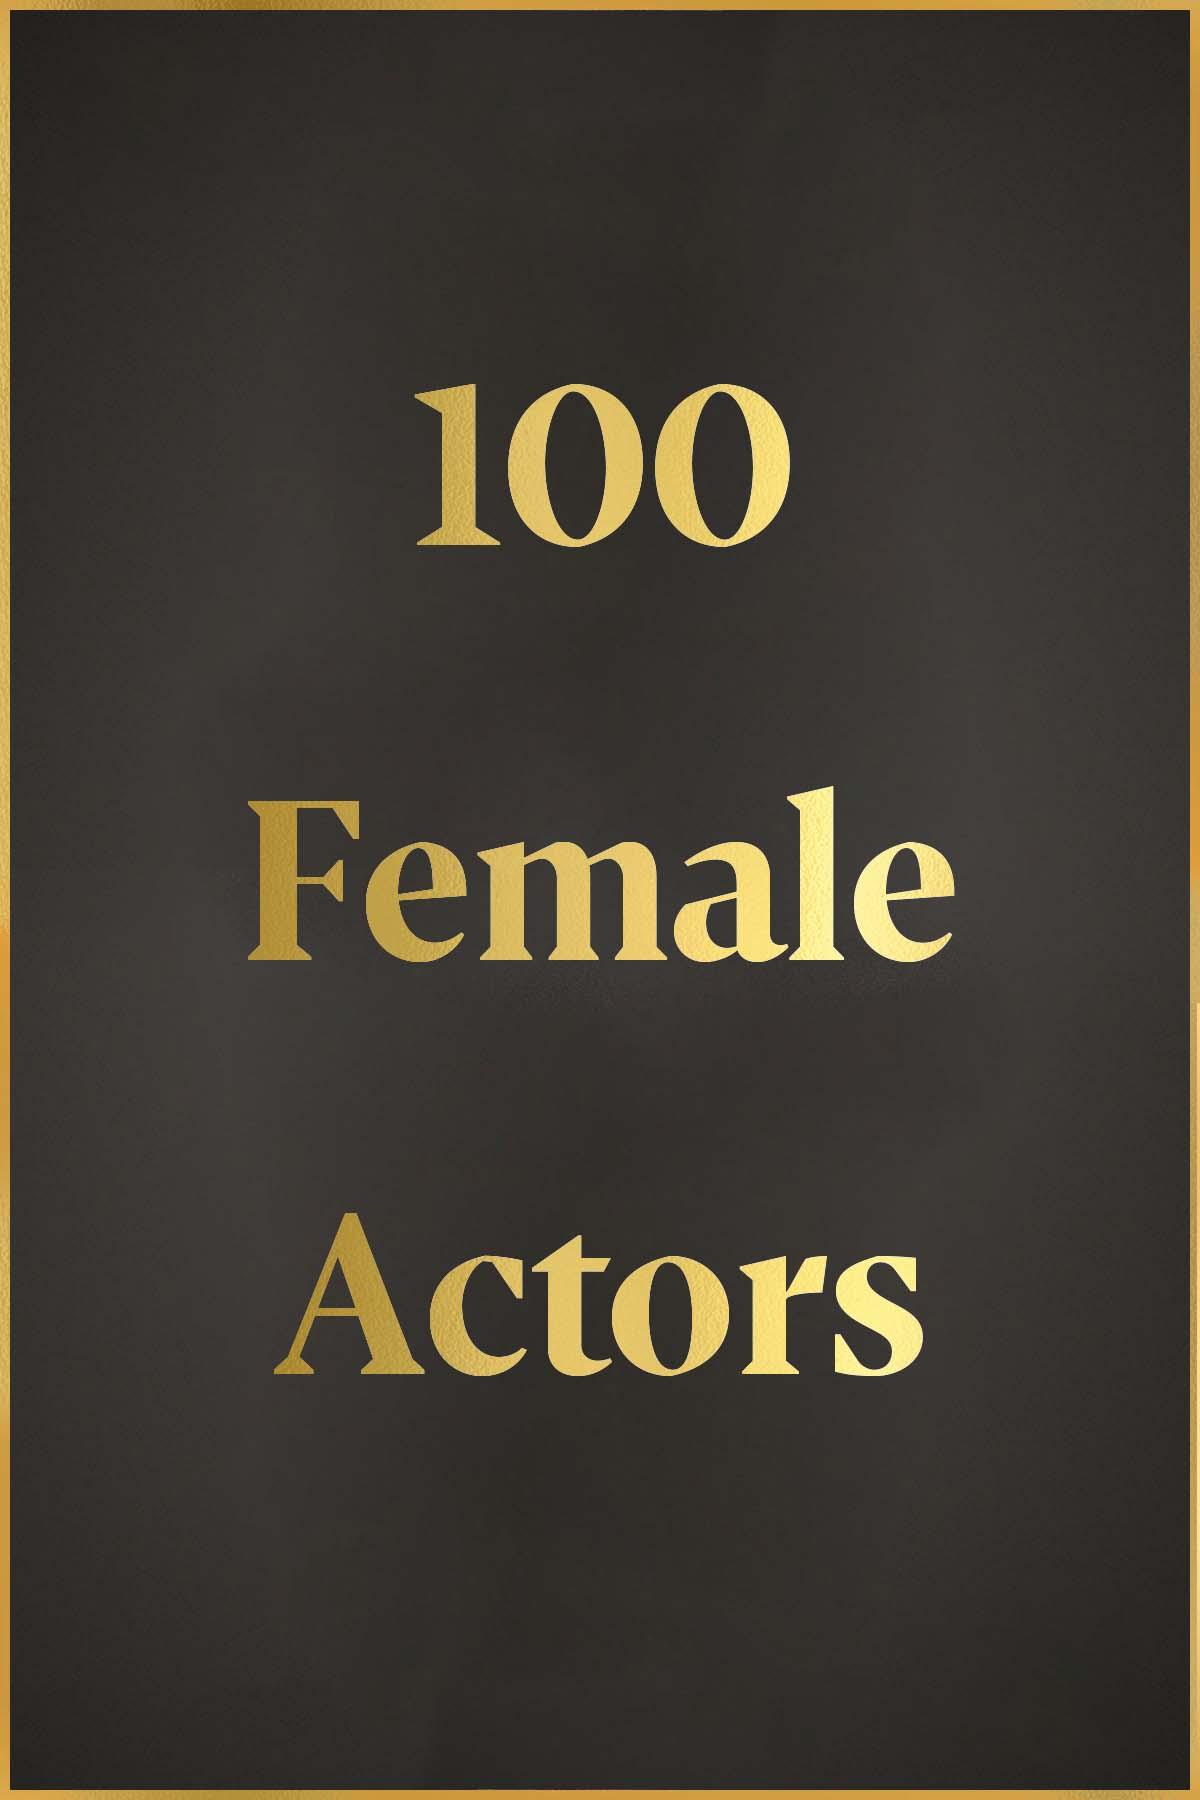 100 Femals Actors